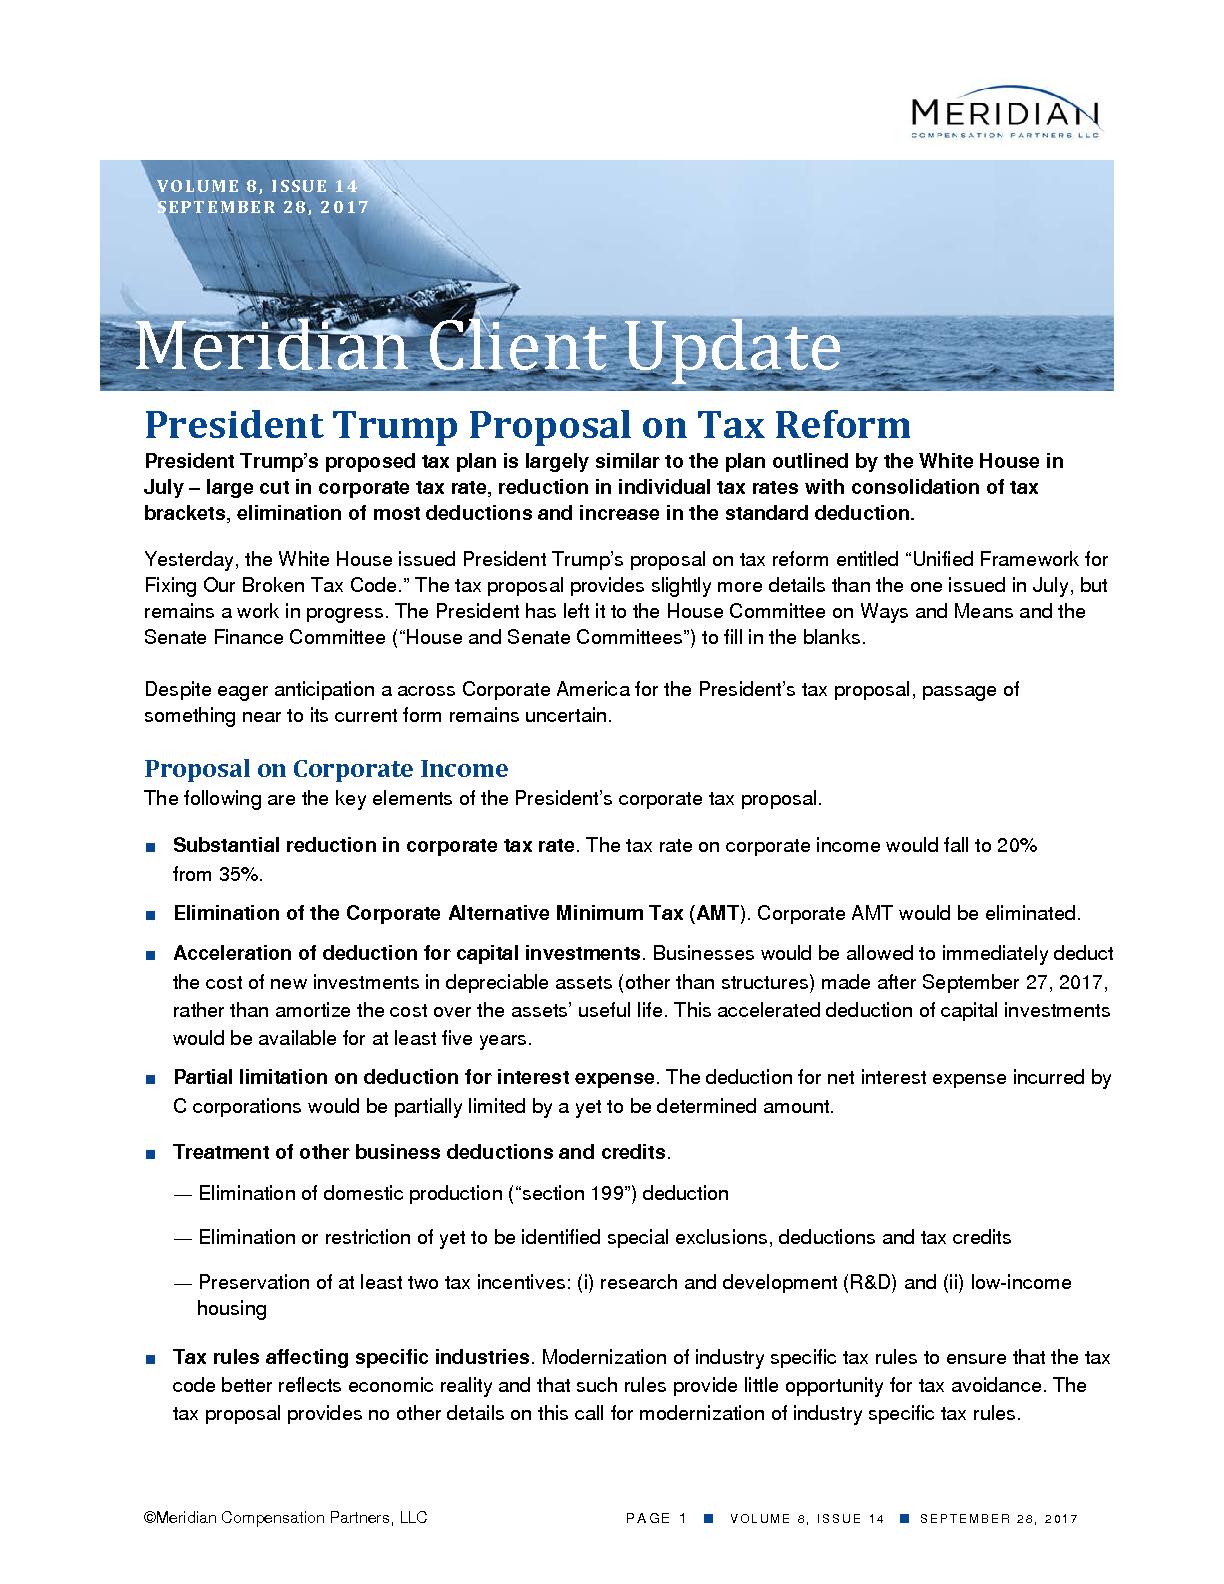 President Trump Proposal on Tax Reform (PDF)